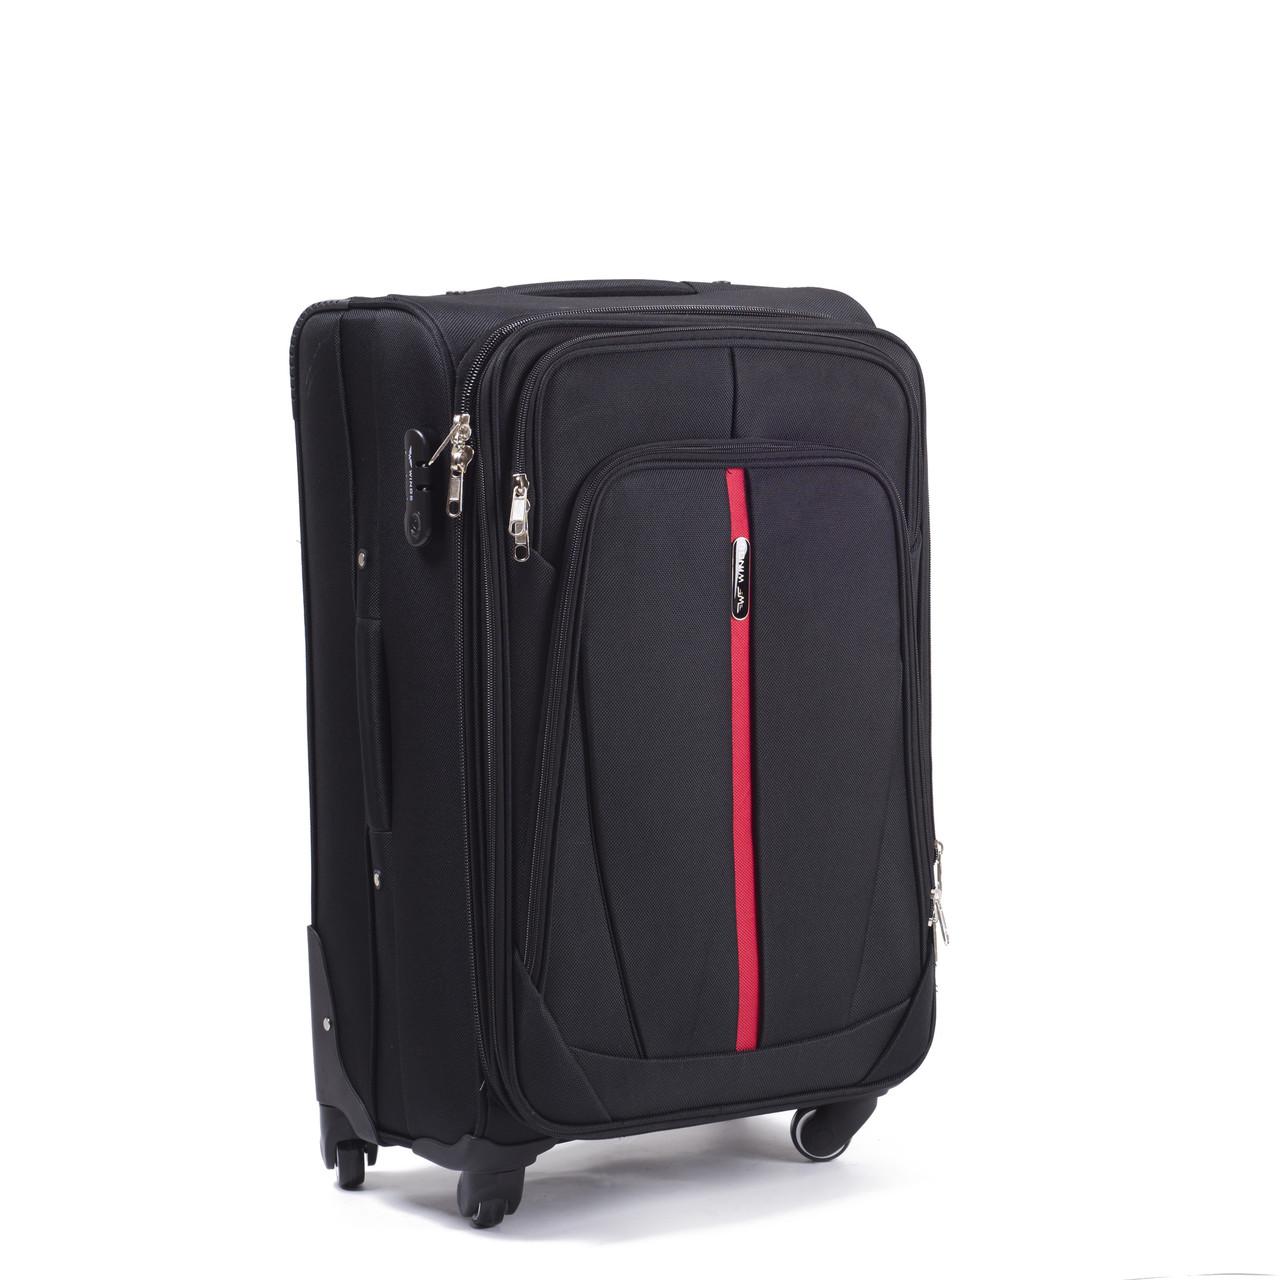 Большой тканевый чемодан Wings 1706 на 4 колесах черный, фото 1